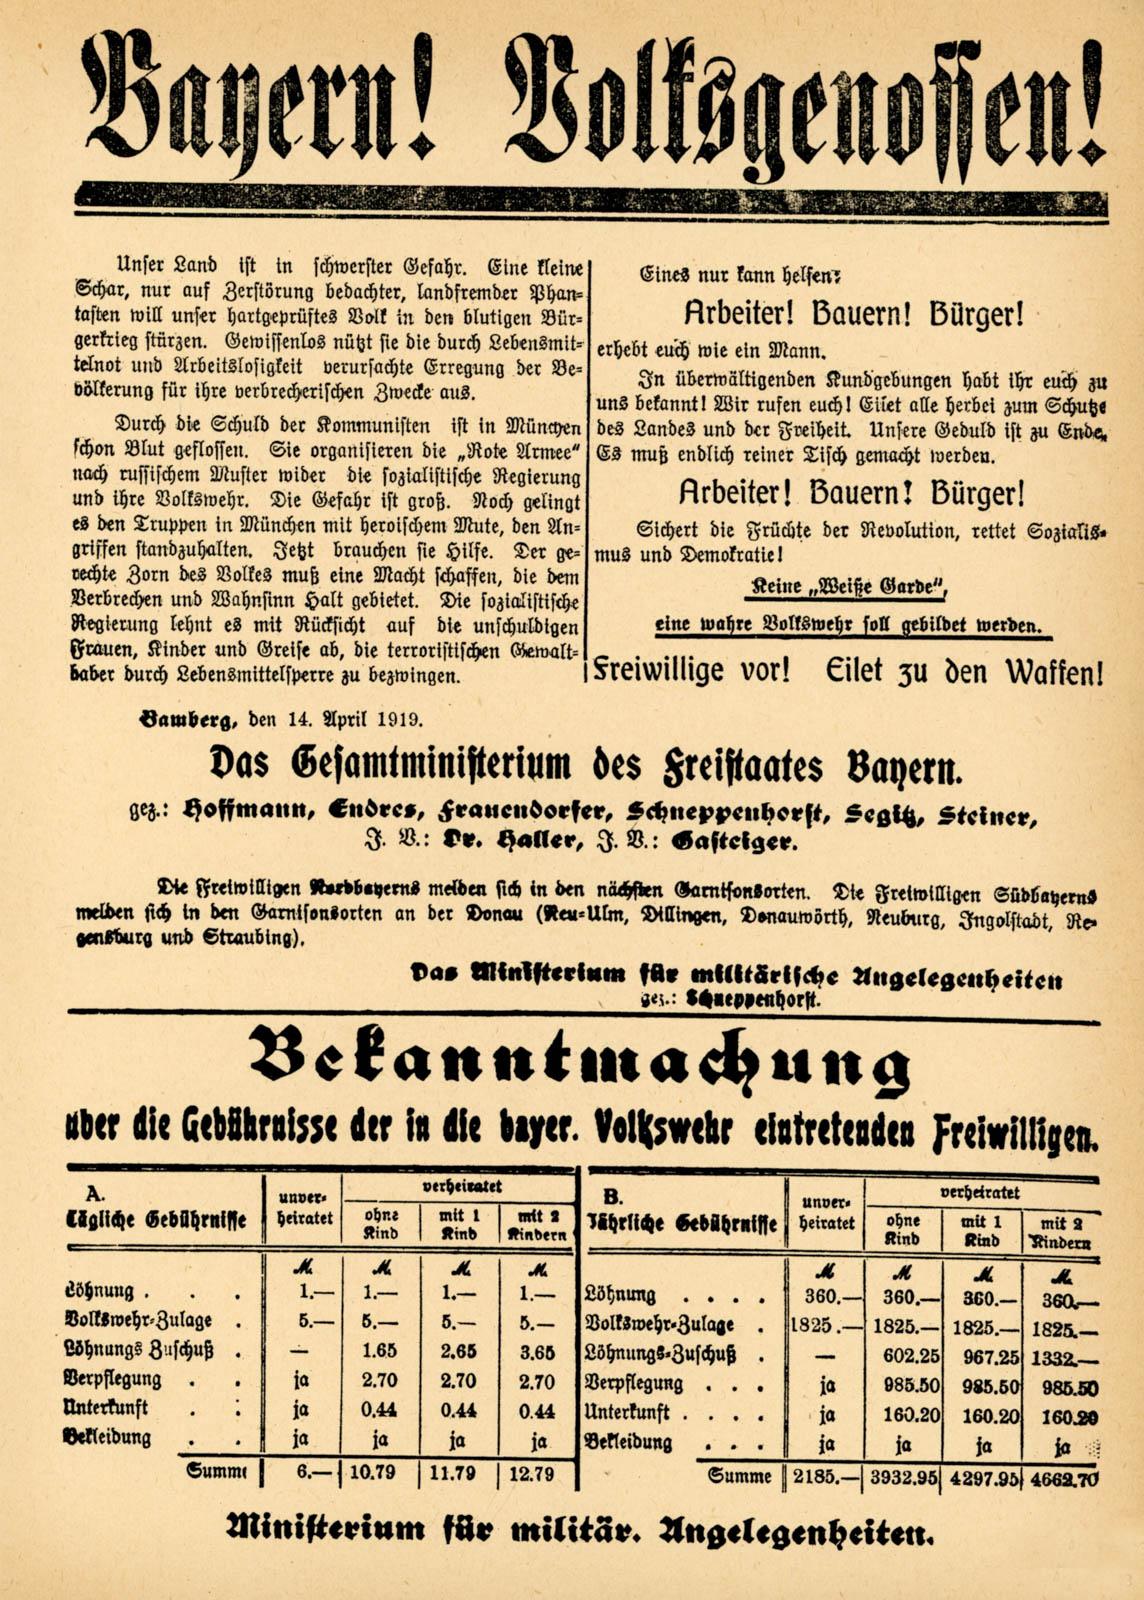 Bayern! Volksgenossen!